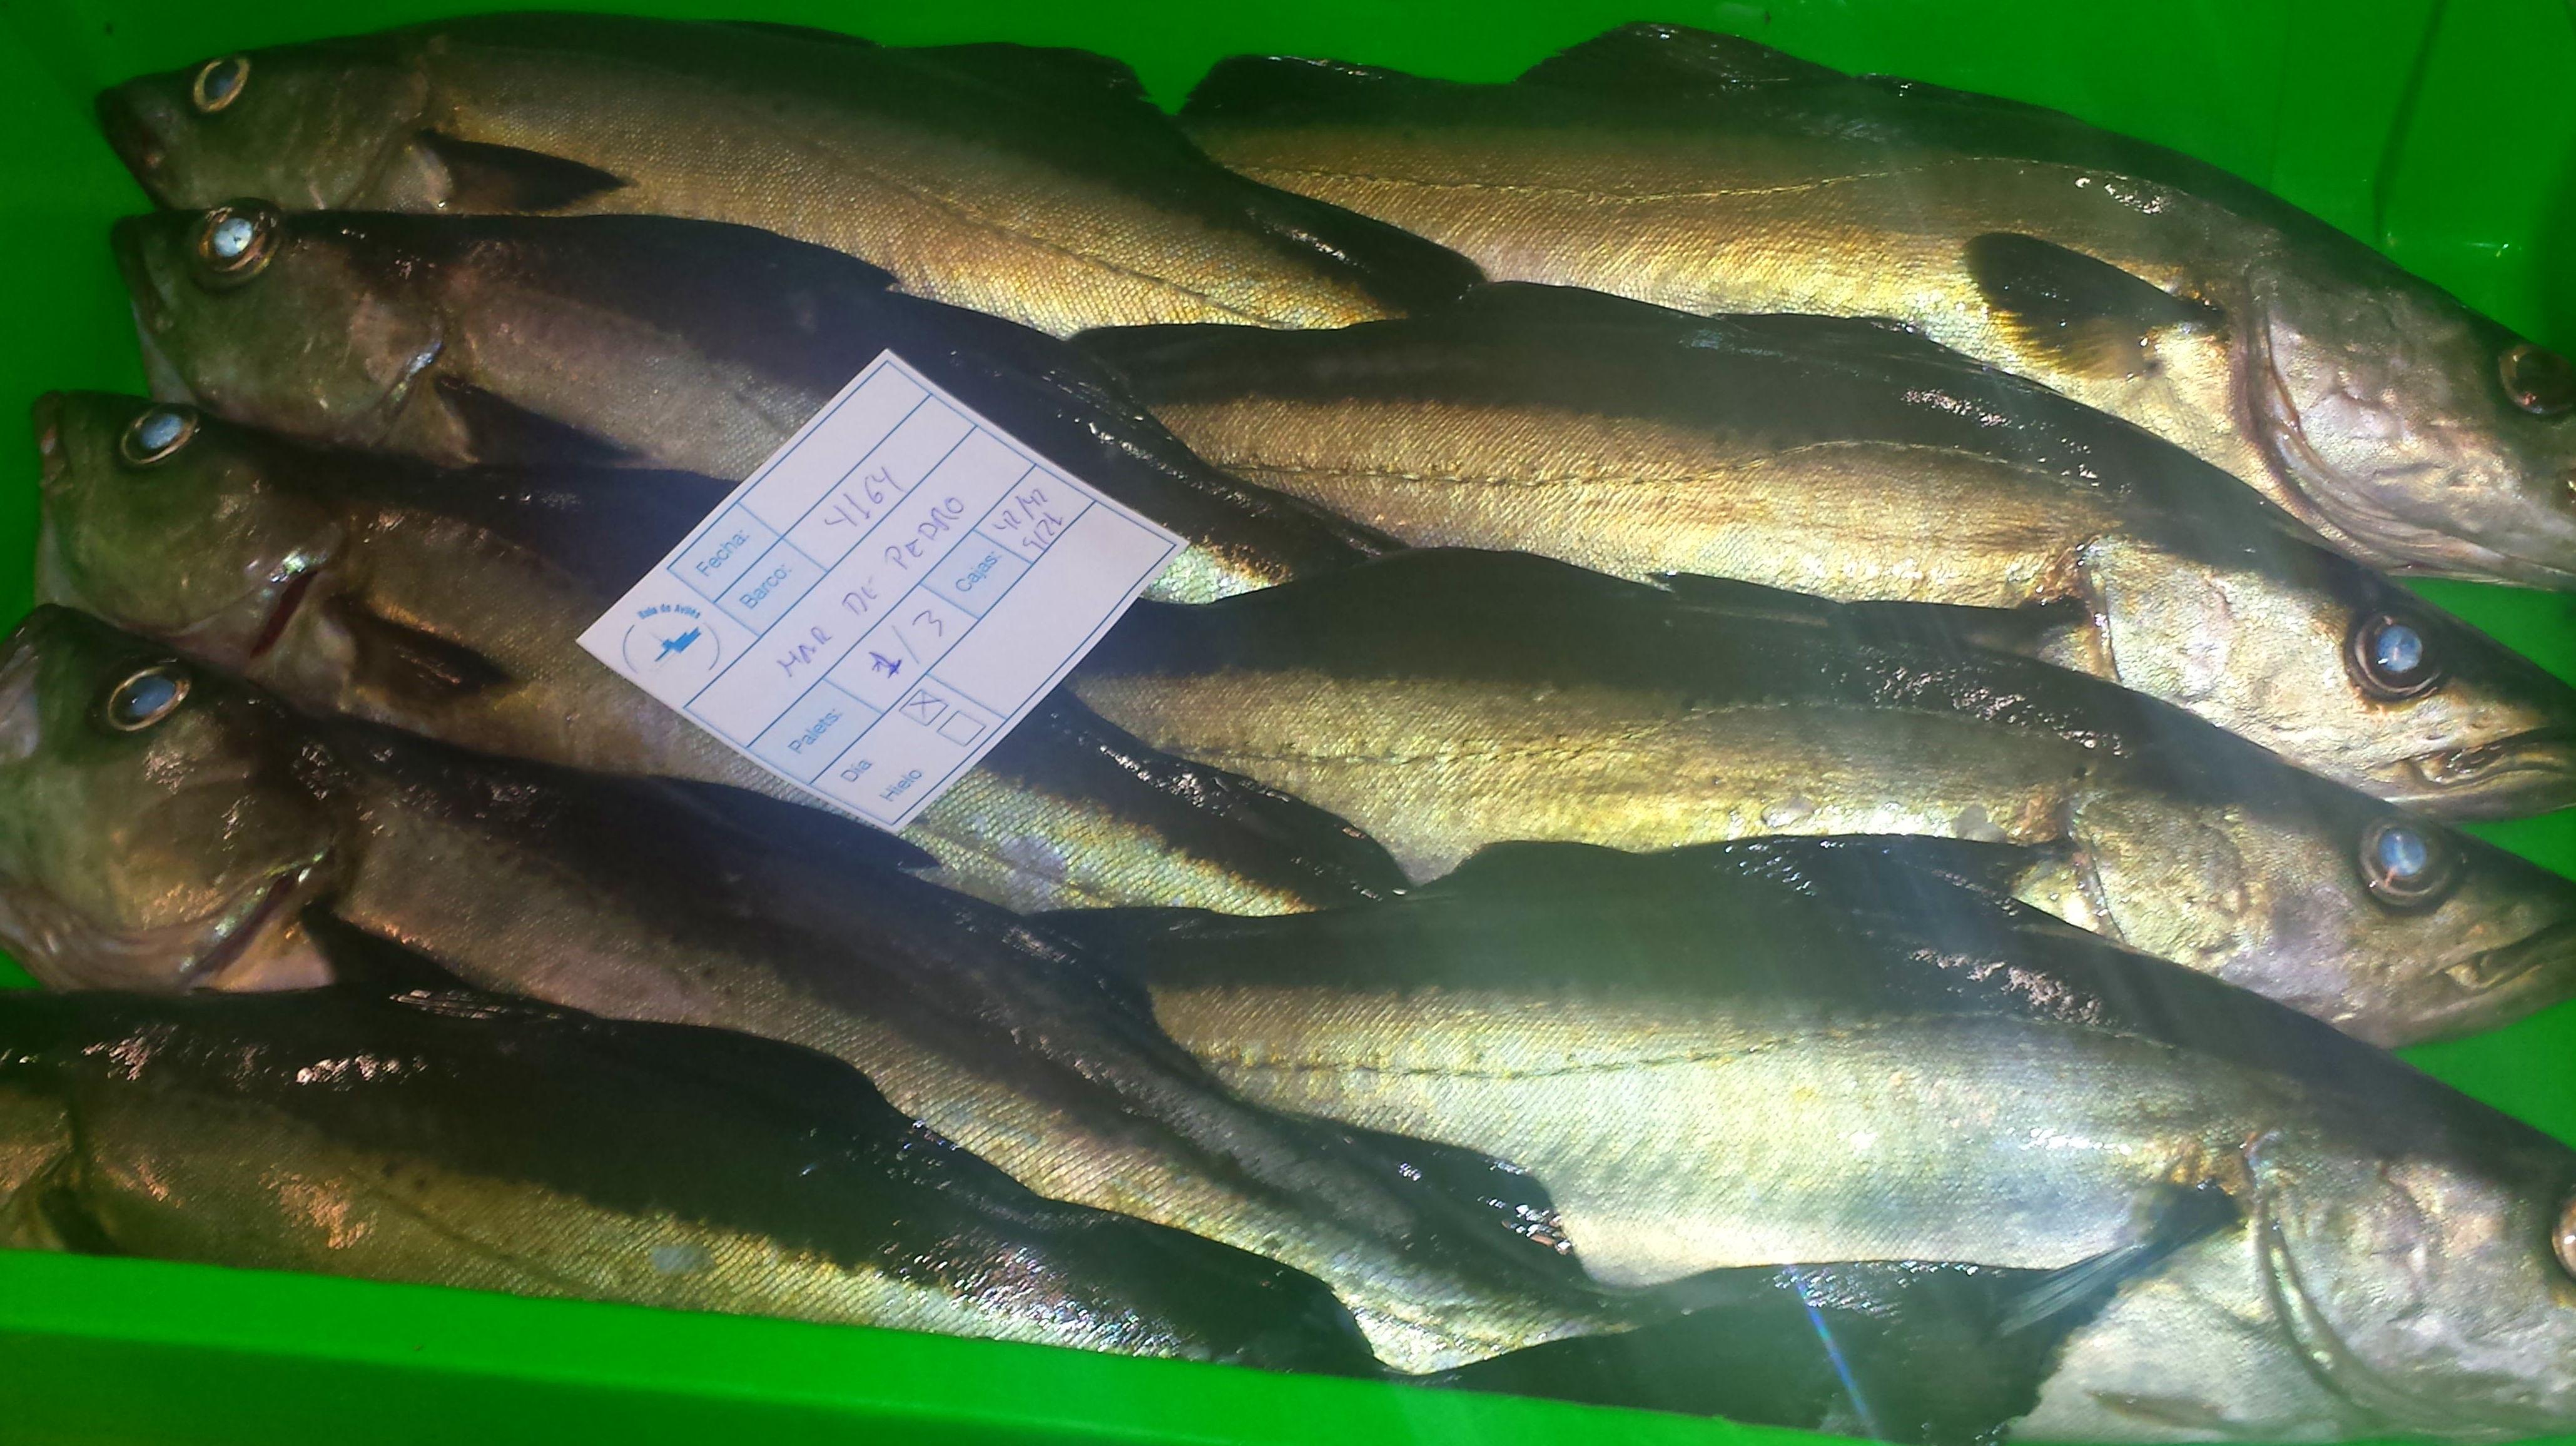 Foto 48 de Venta y distribución de pescados y mariscos del Cantábrico en Gijón | Pescastur